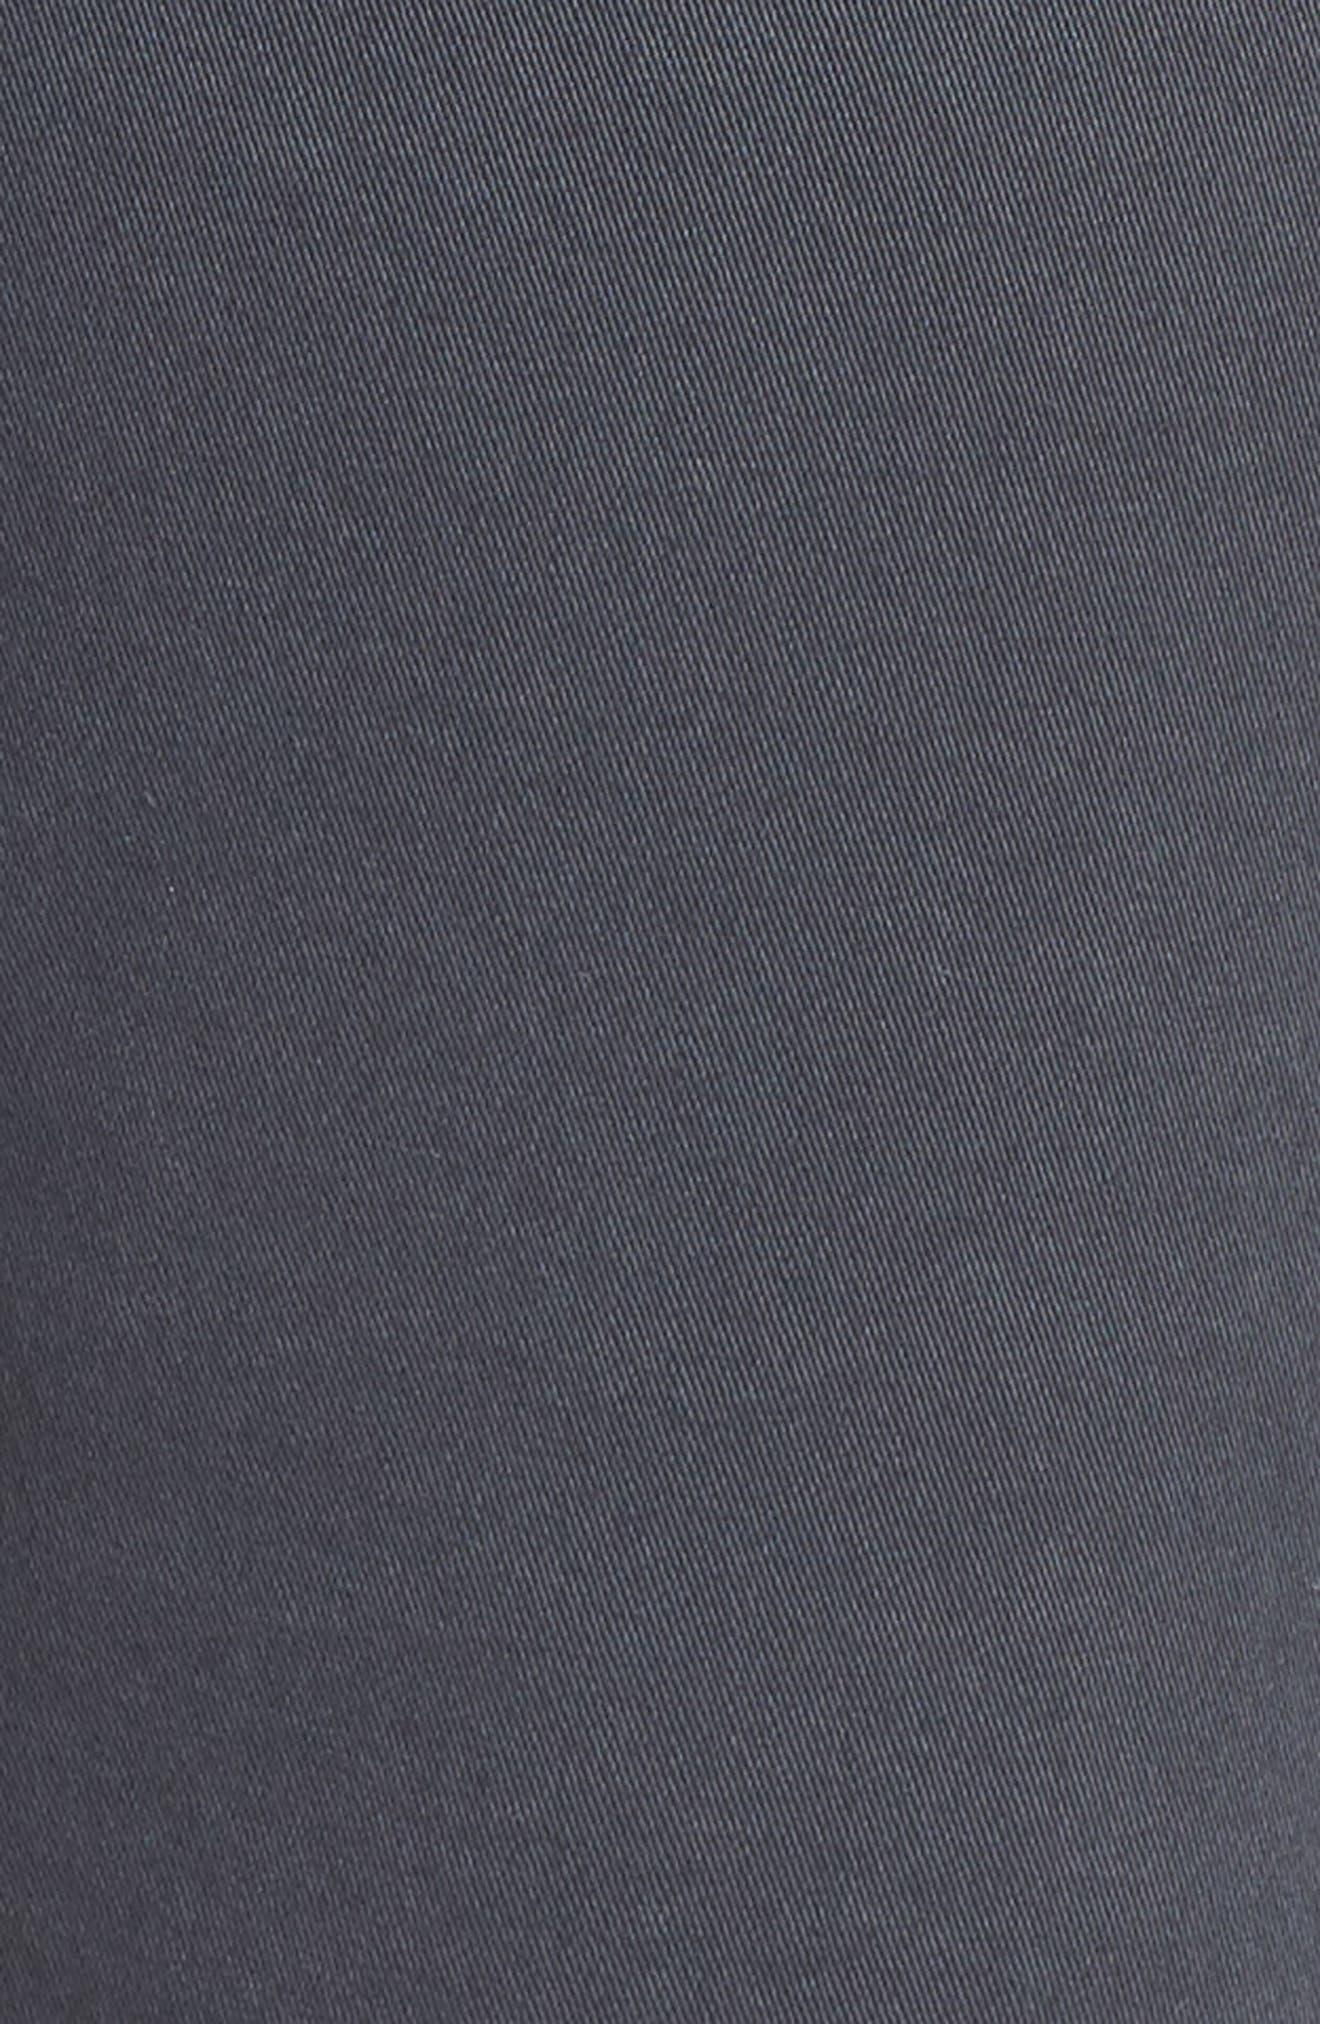 Twill Shorts,                             Alternate thumbnail 6, color,                             Grey Ebony